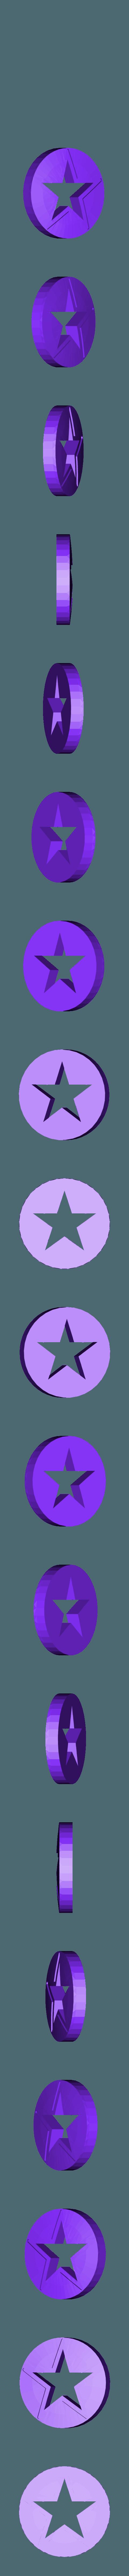 blue.stl Télécharger fichier STL gratuit Porte-clés Captain America Shield • Modèle pour impression 3D, LucasLabrador